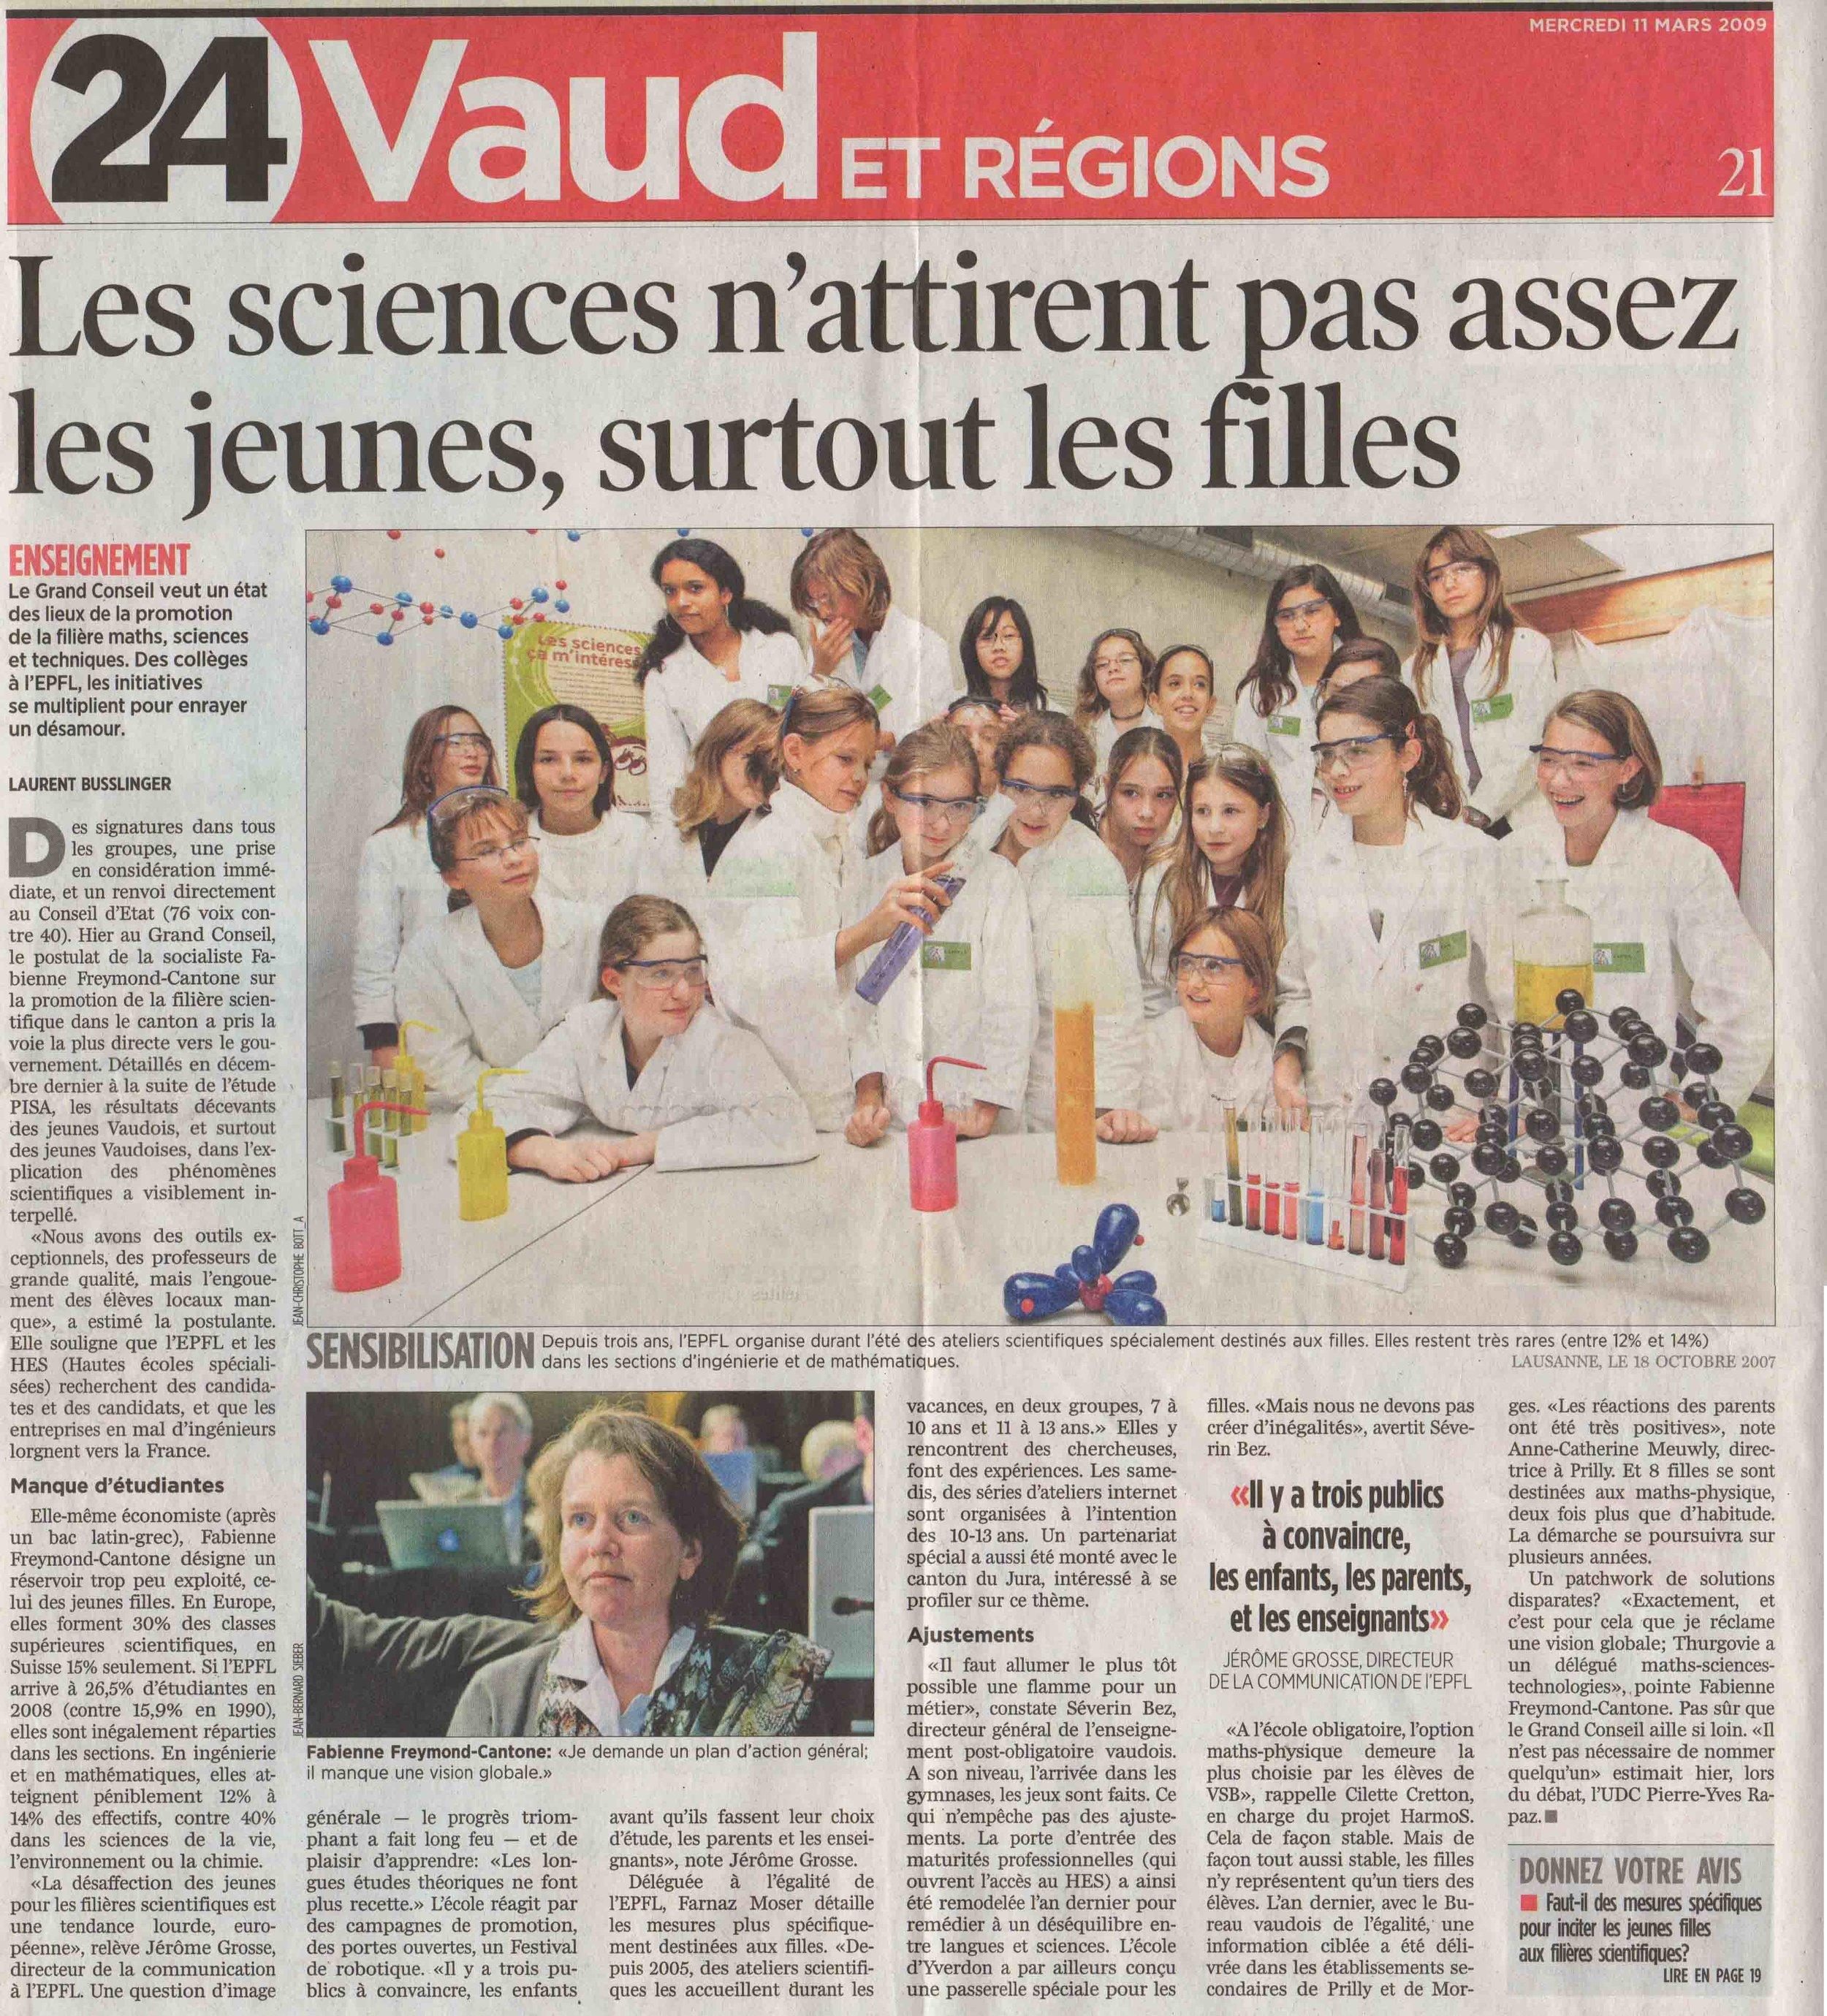 Copy of 2009-03-11 24 Heures - Les sciences et les jeunes